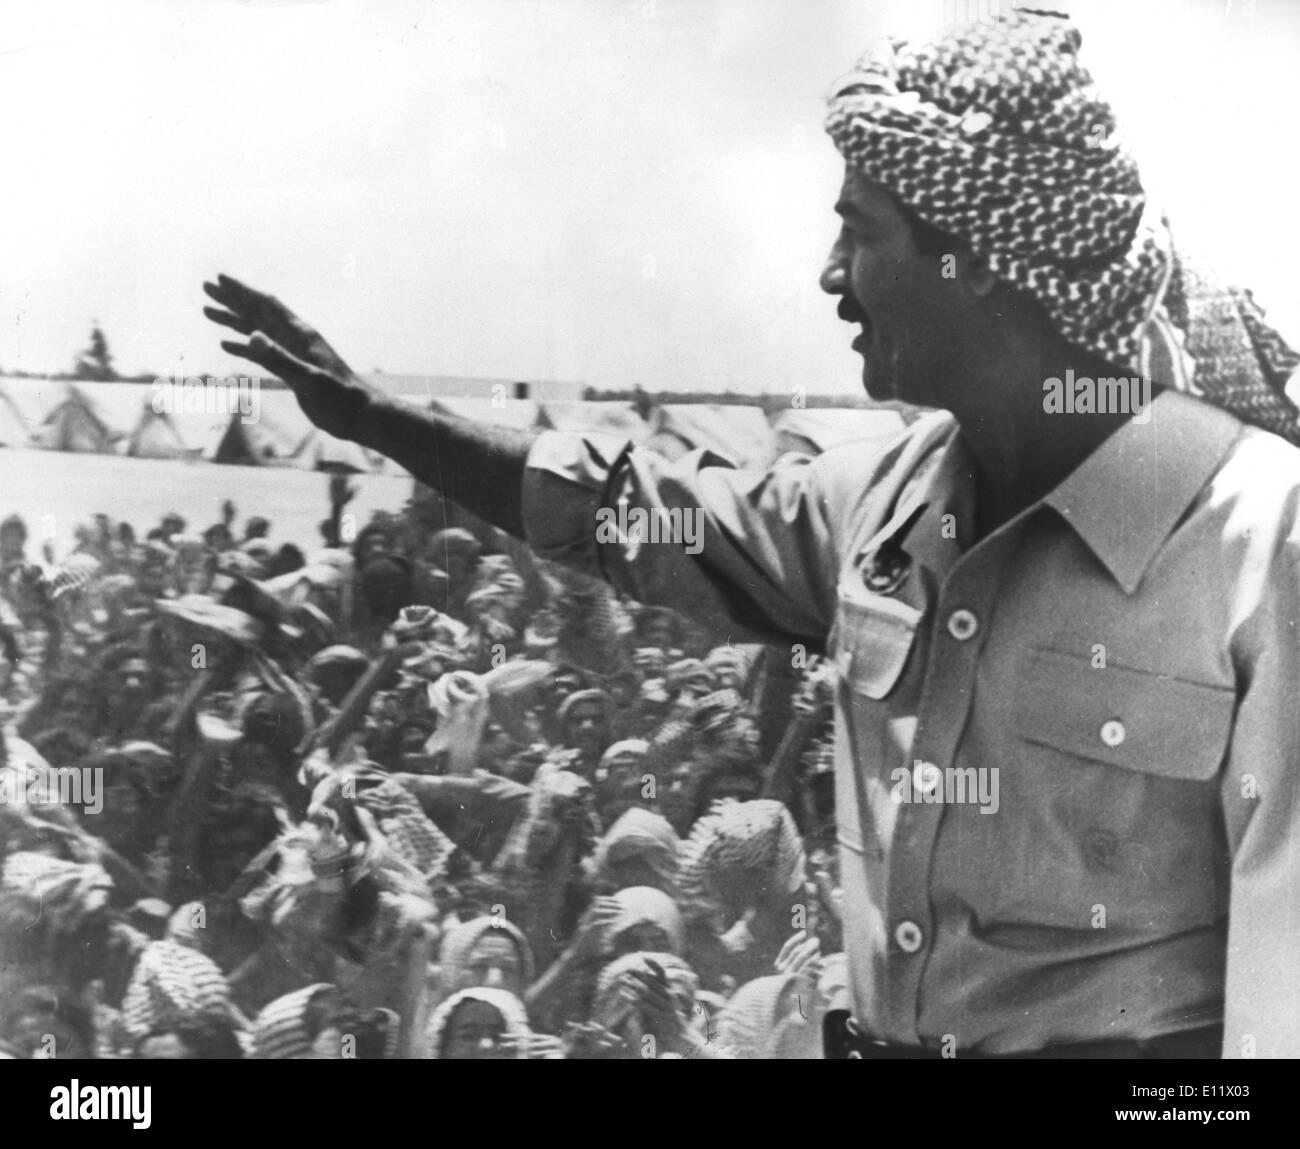 Leader in Iraq di Saddam Hussein rivolgendosi ai membri delle sue forze armate poco prima dell'invasione dell'Iran Immagini Stock